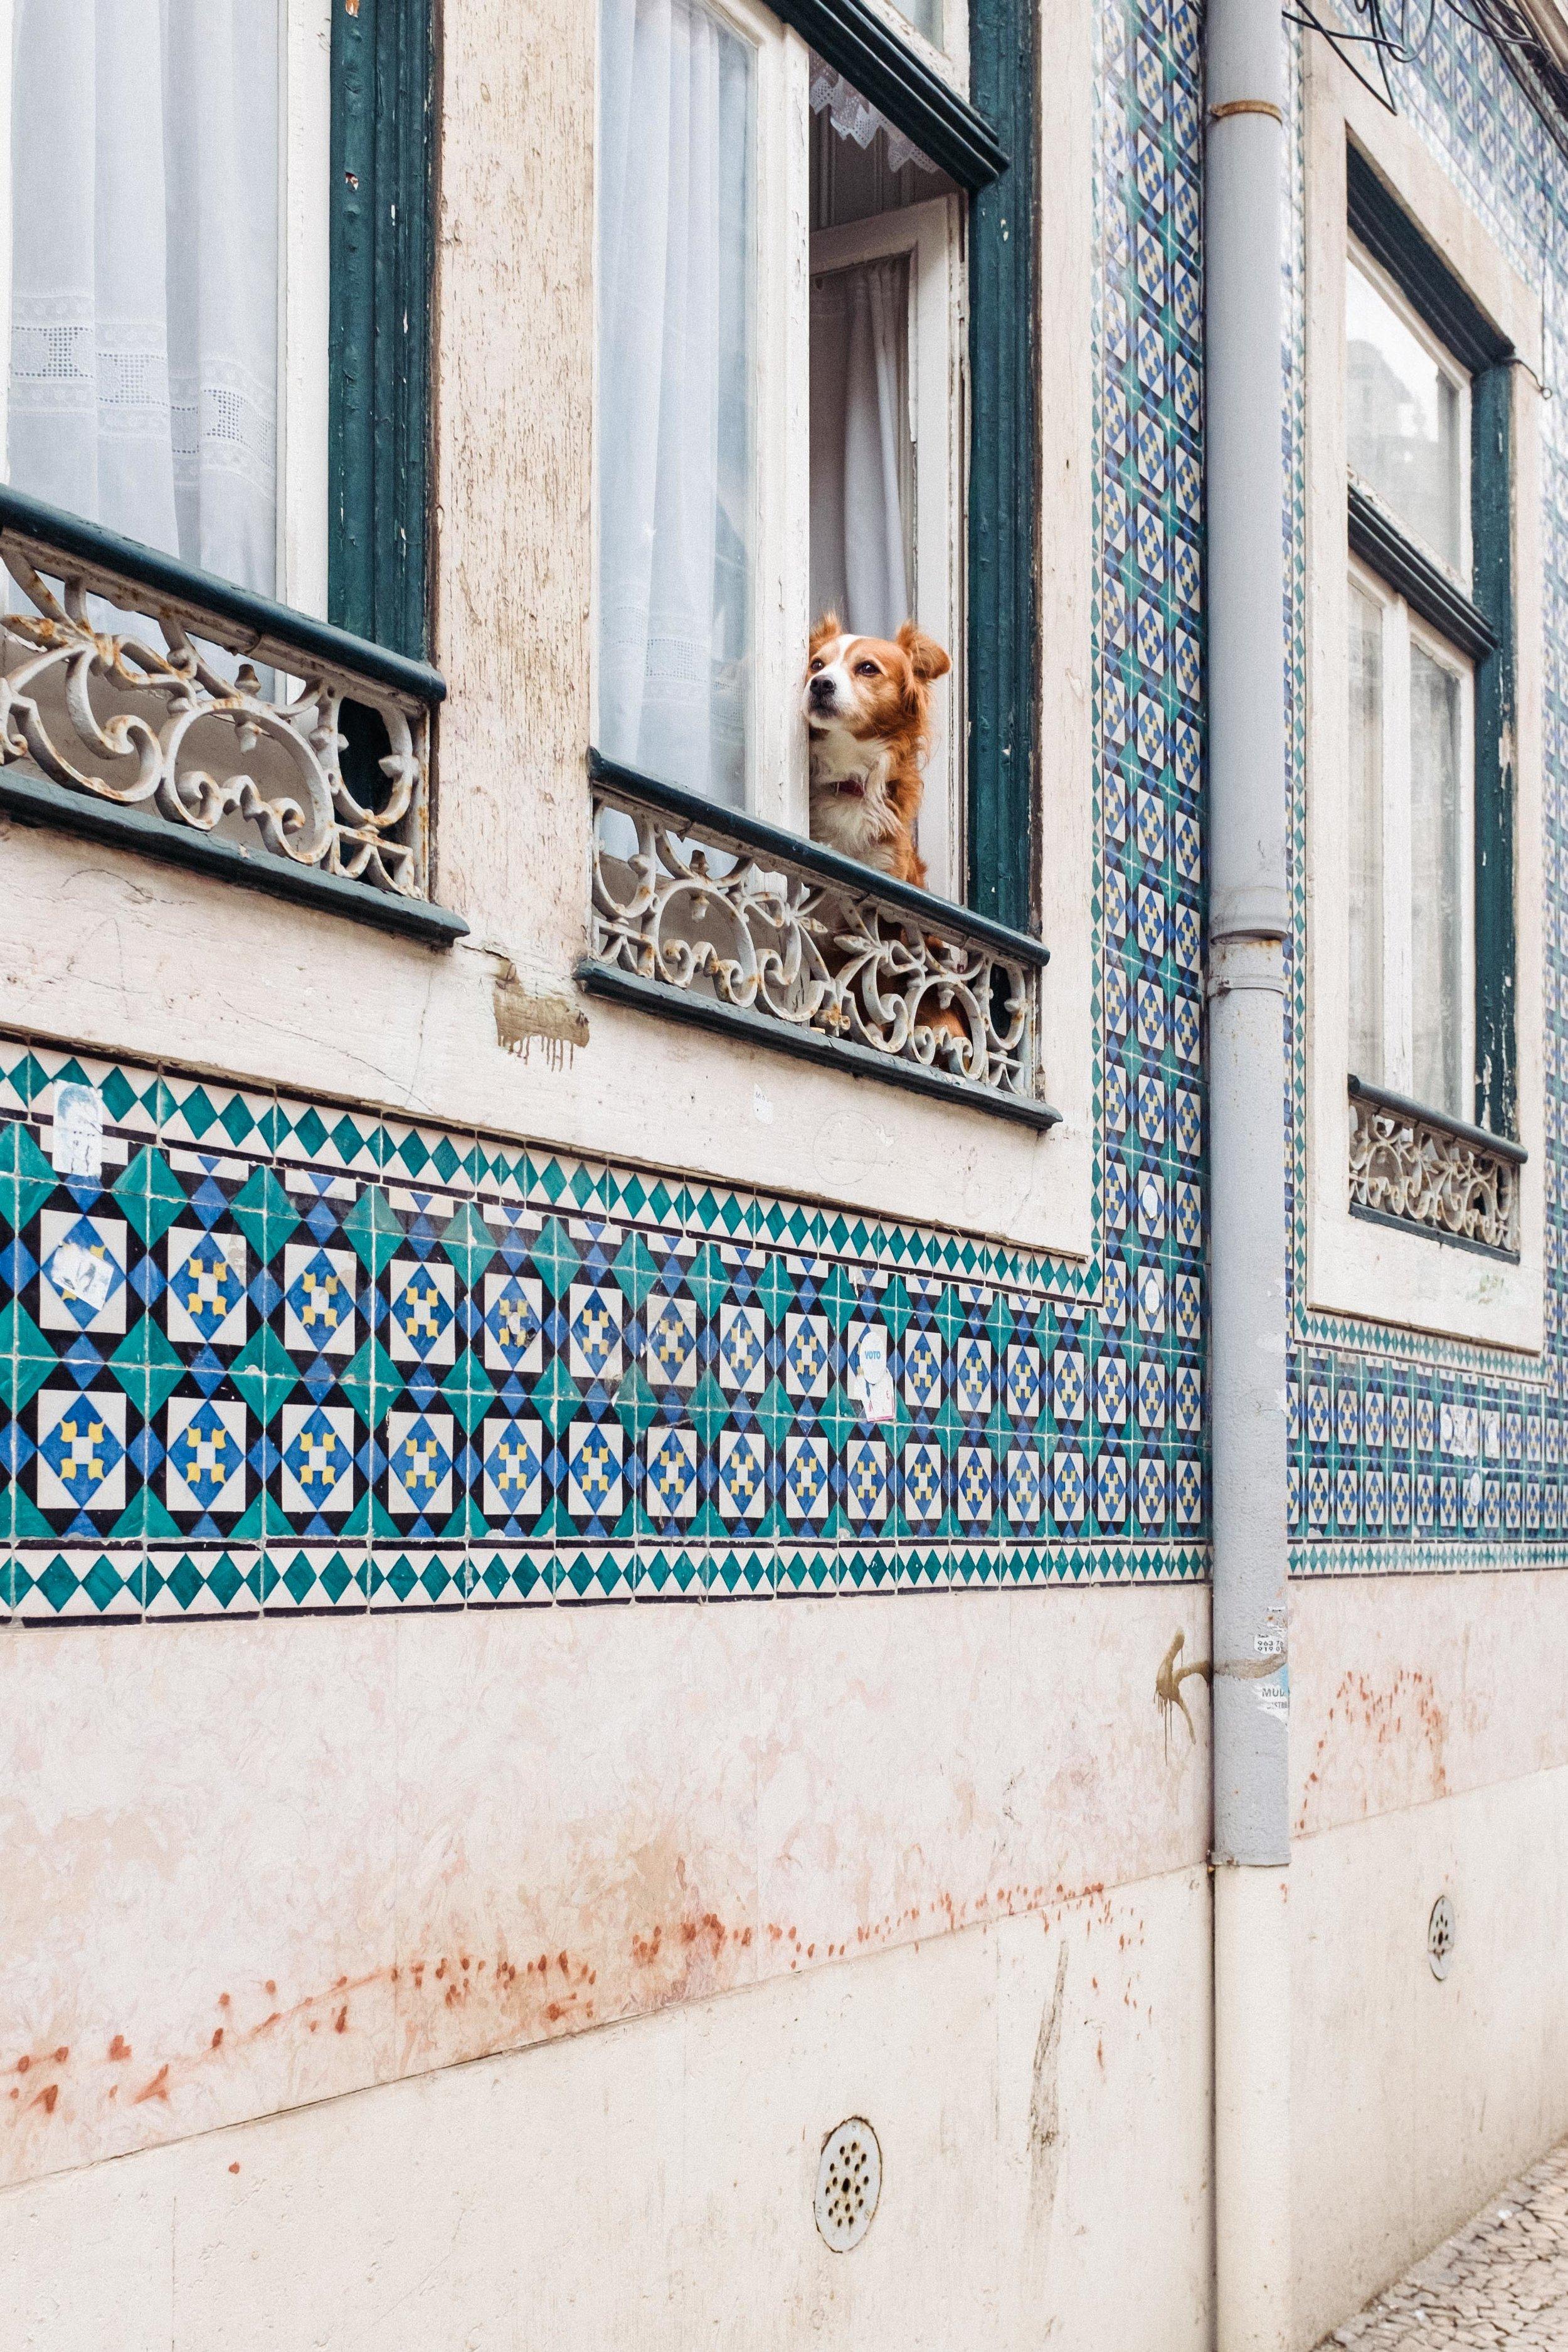 lisbon-portugal-azulejos-dog-in-window